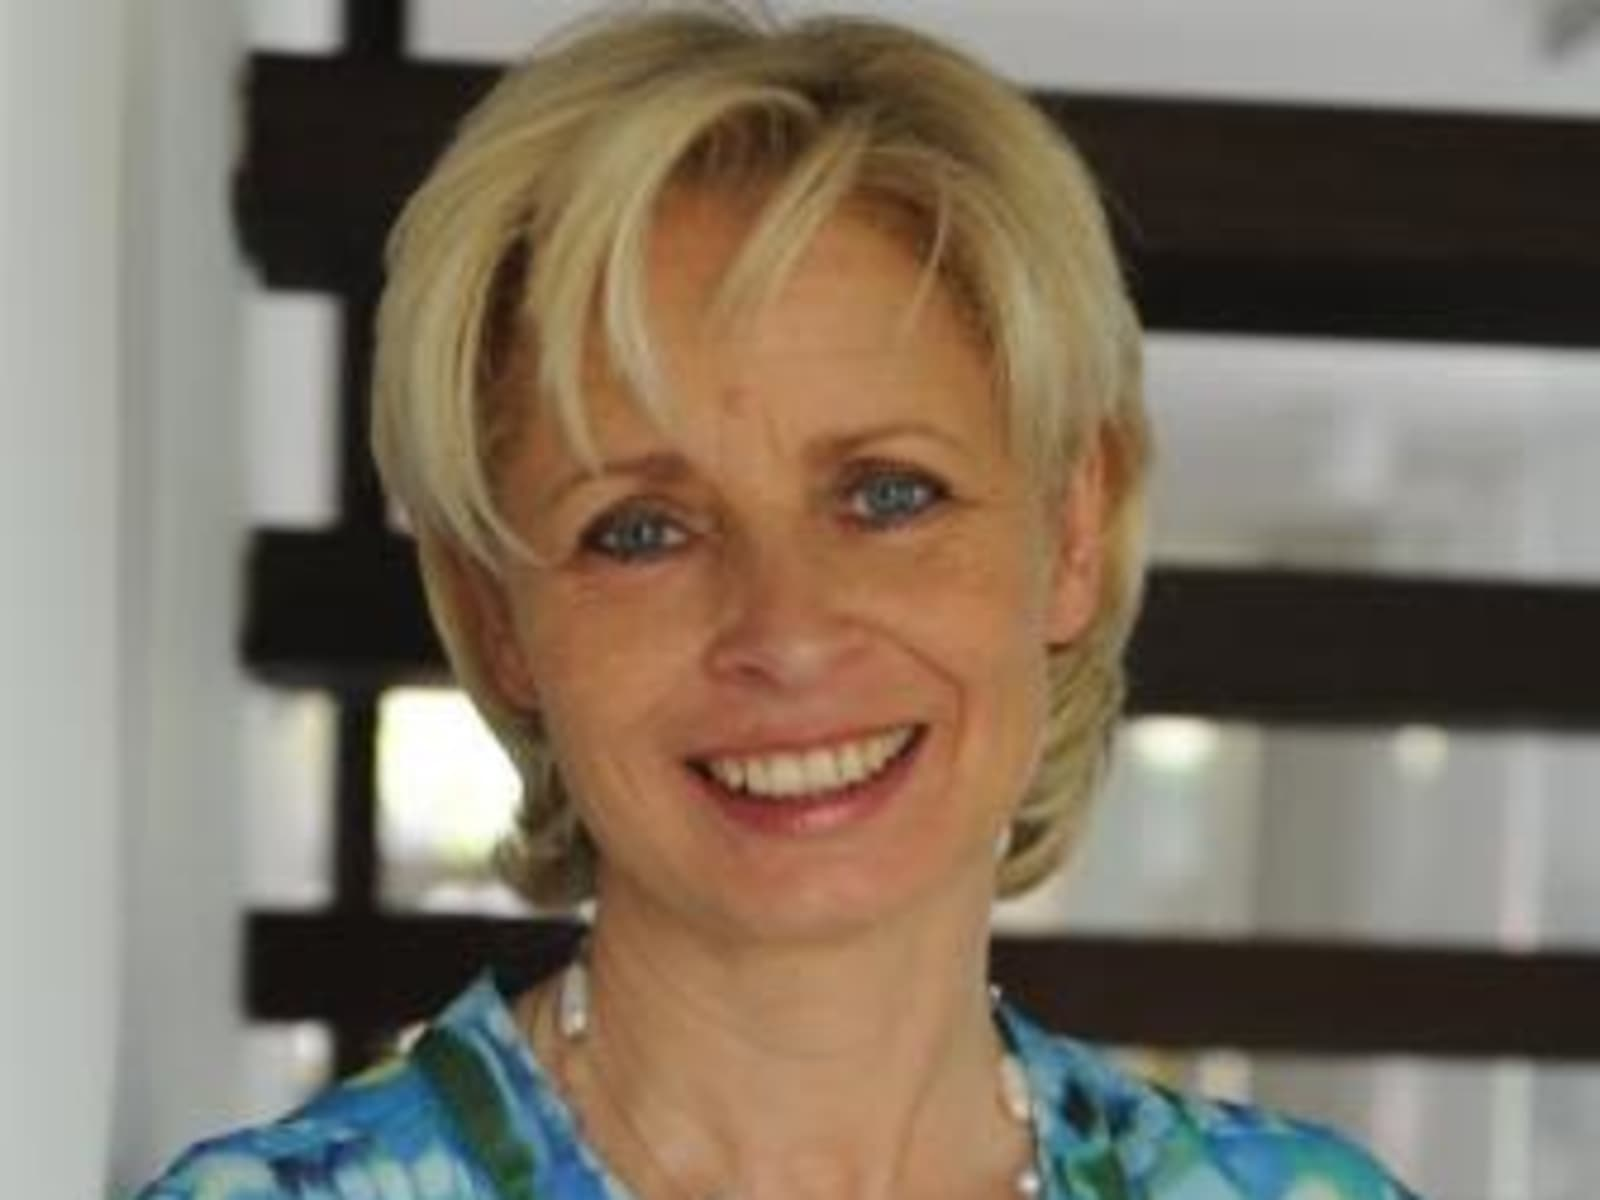 Ariane claudia from Zürich, Switzerland